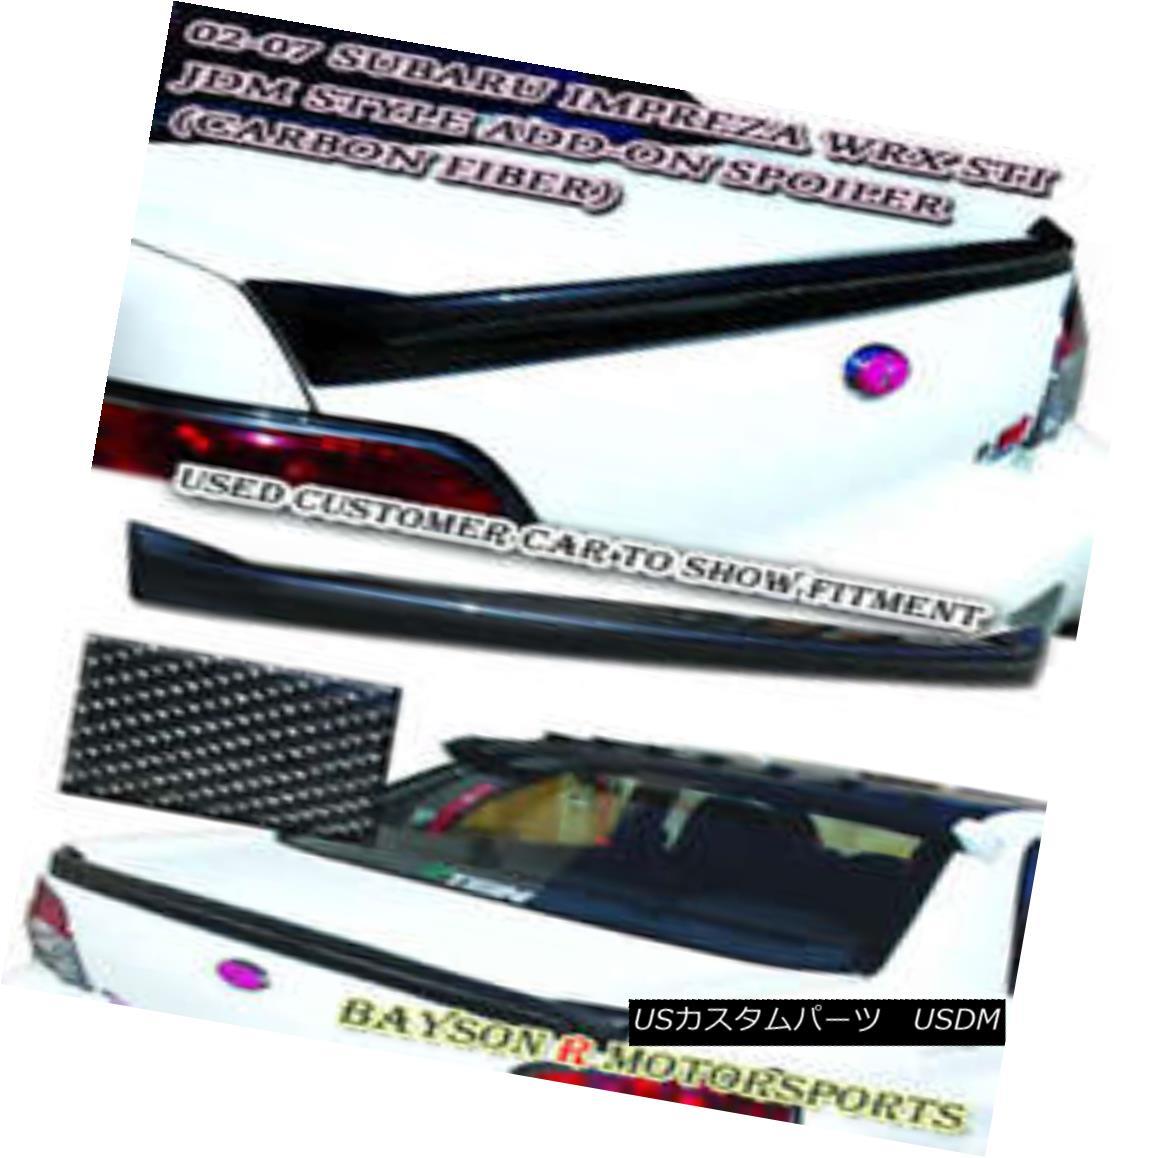 エアロパーツ M-Style Rear Trunk Spoiler Wing (Carbon) Fits 02-07 Subaru Impreza 4dr Sedan M-Styleリアトランク・スポイラー・ウイング(カーボン)02-07 Subaru Impreza 4dr Sedan